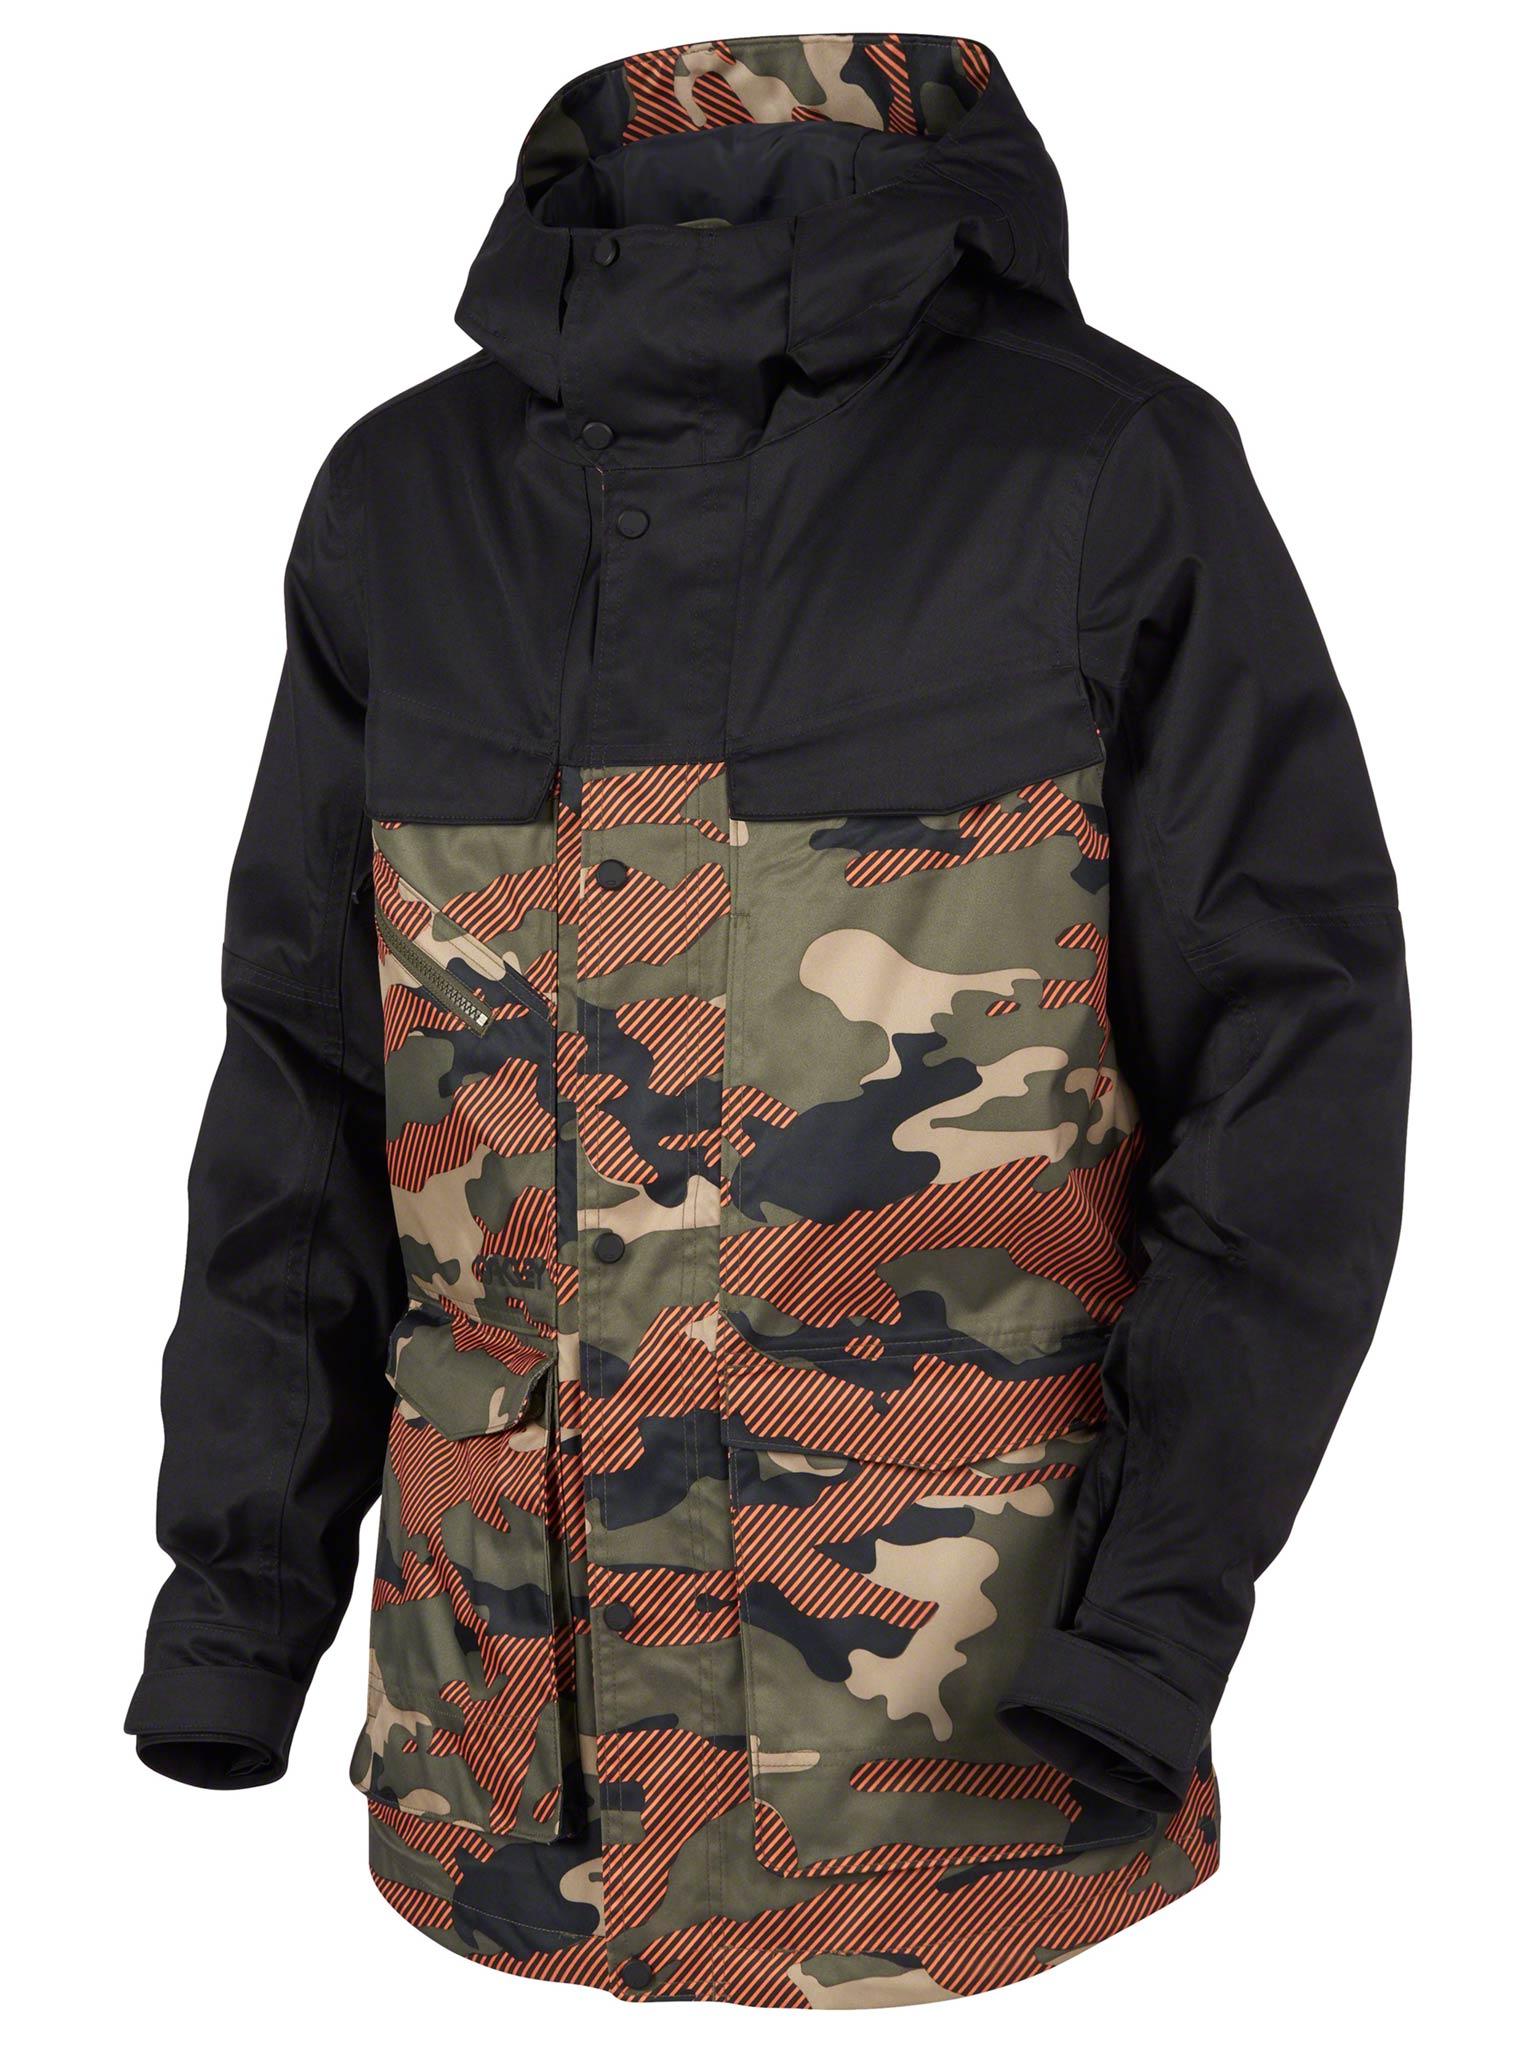 Oakley Timber 15K Biozone Jacket 17/18 - Farbe: Warming Camo